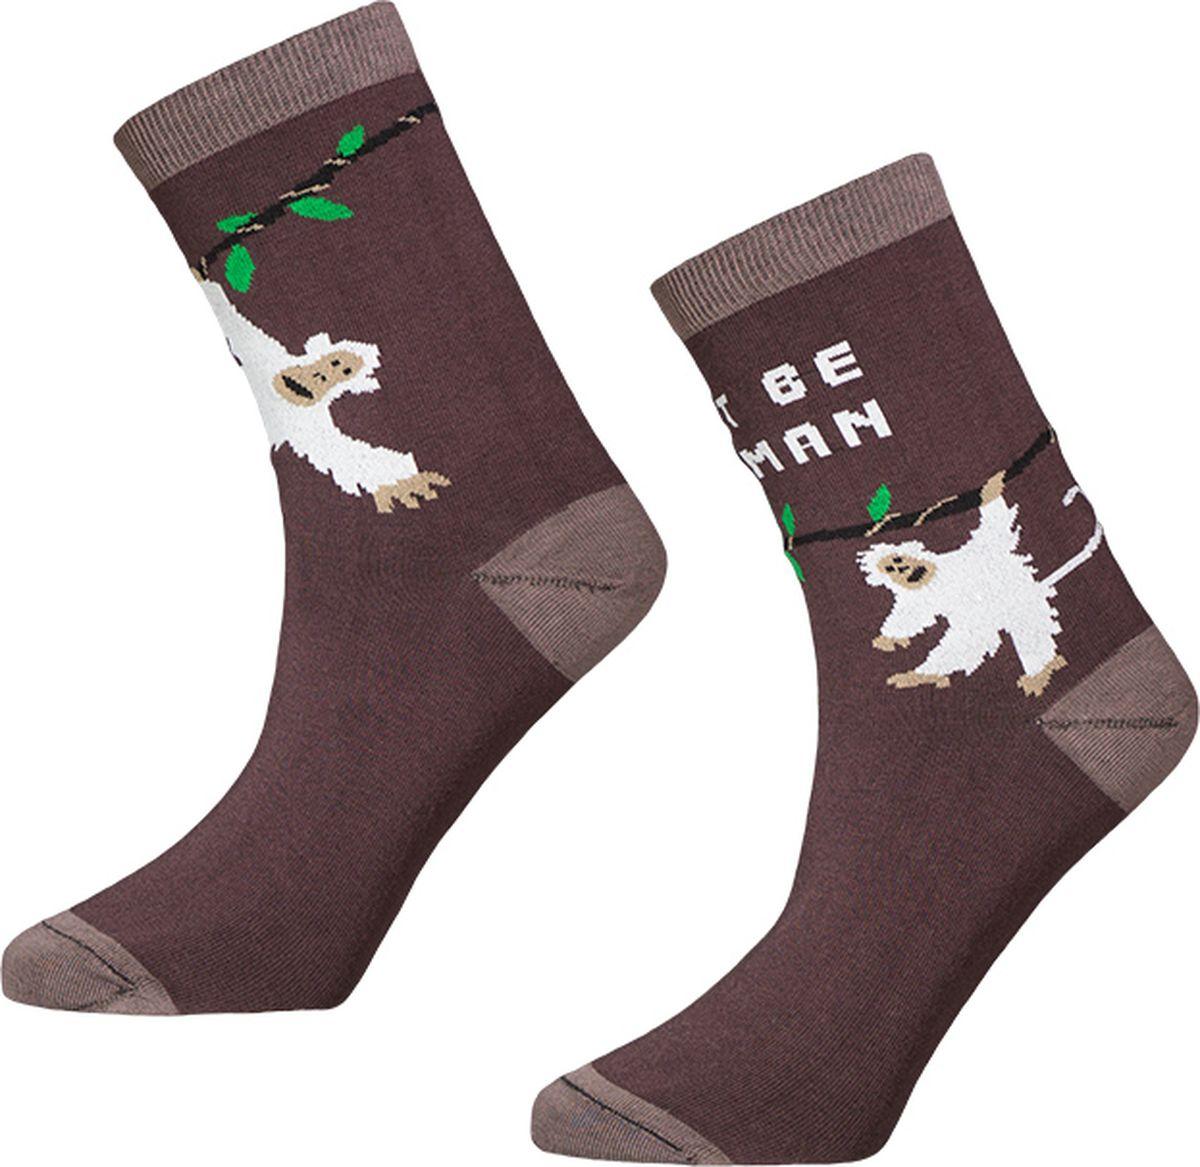 Носки Big Bang Socks Обезьяна, махровые, цвет: коричневый. a183. Размер 35/39a183Яркие махровые носки Big Bang Socks изготовлены из высококачественного хлопка с добавлением полиамидных и эластановых волокон, которые обеспечивают великолепную посадку. Носки отличаются ярким стильным дизайном. Они оформлены изображением обезьянки и надписью First be a Human (прежде всего будь человеком). Принты не симметричны на правом и левом носке.Удобная резинка идеально облегает ногу и не пережимает сосуды, усиленныепятка и мысок повышают износоустойчивость носка, а удлиненный паголенокпридает более эстетичный вид. Дизайнерские носки Big Bang Socks - яркая деталь в вашем образе и оригинальныйподарок для друзей и близких.